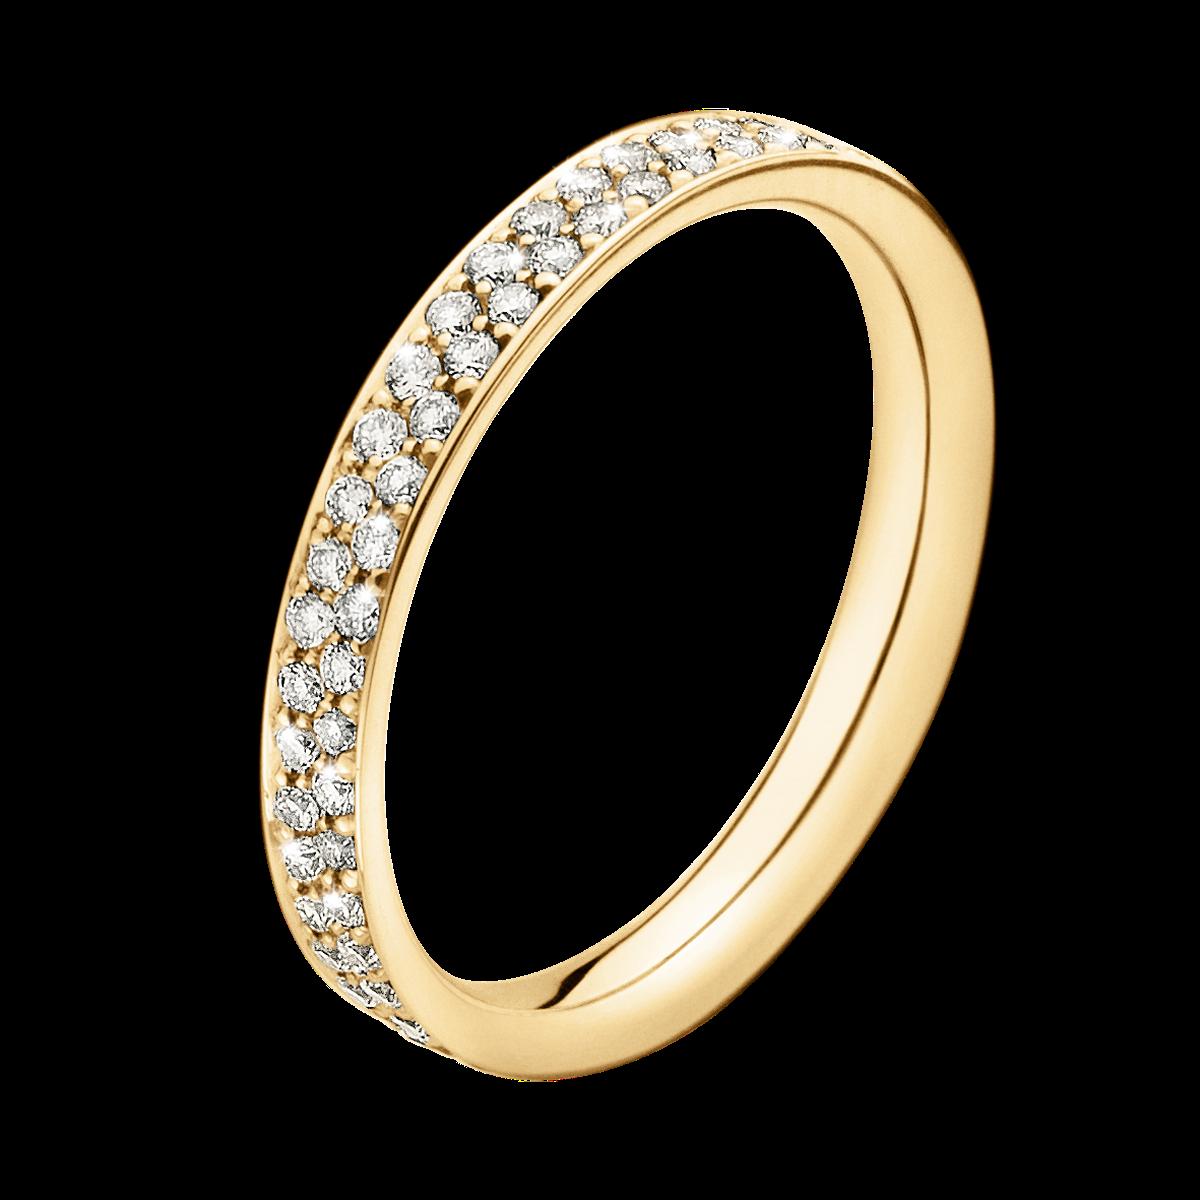 Magic Ring 18 Kt Guld Med Pav 233 Fattede Brillanter I